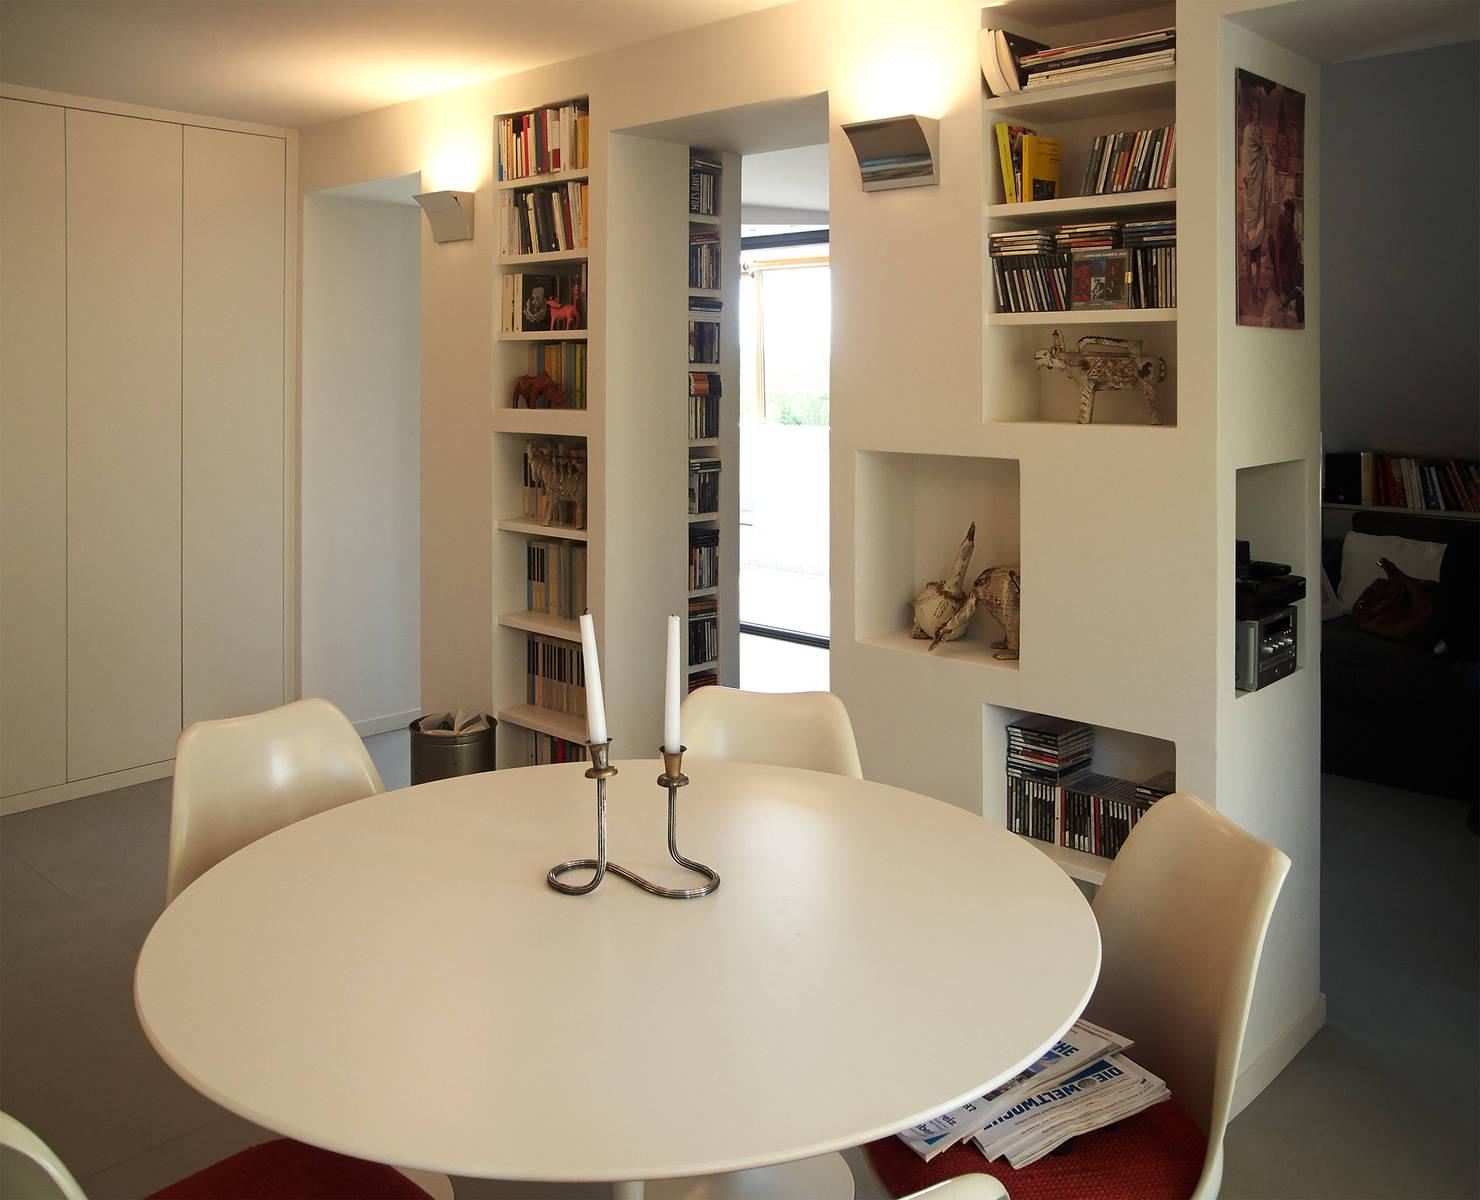 Casas pequeñas: ¡25 ideas para aprovechar el espacio al máximo!